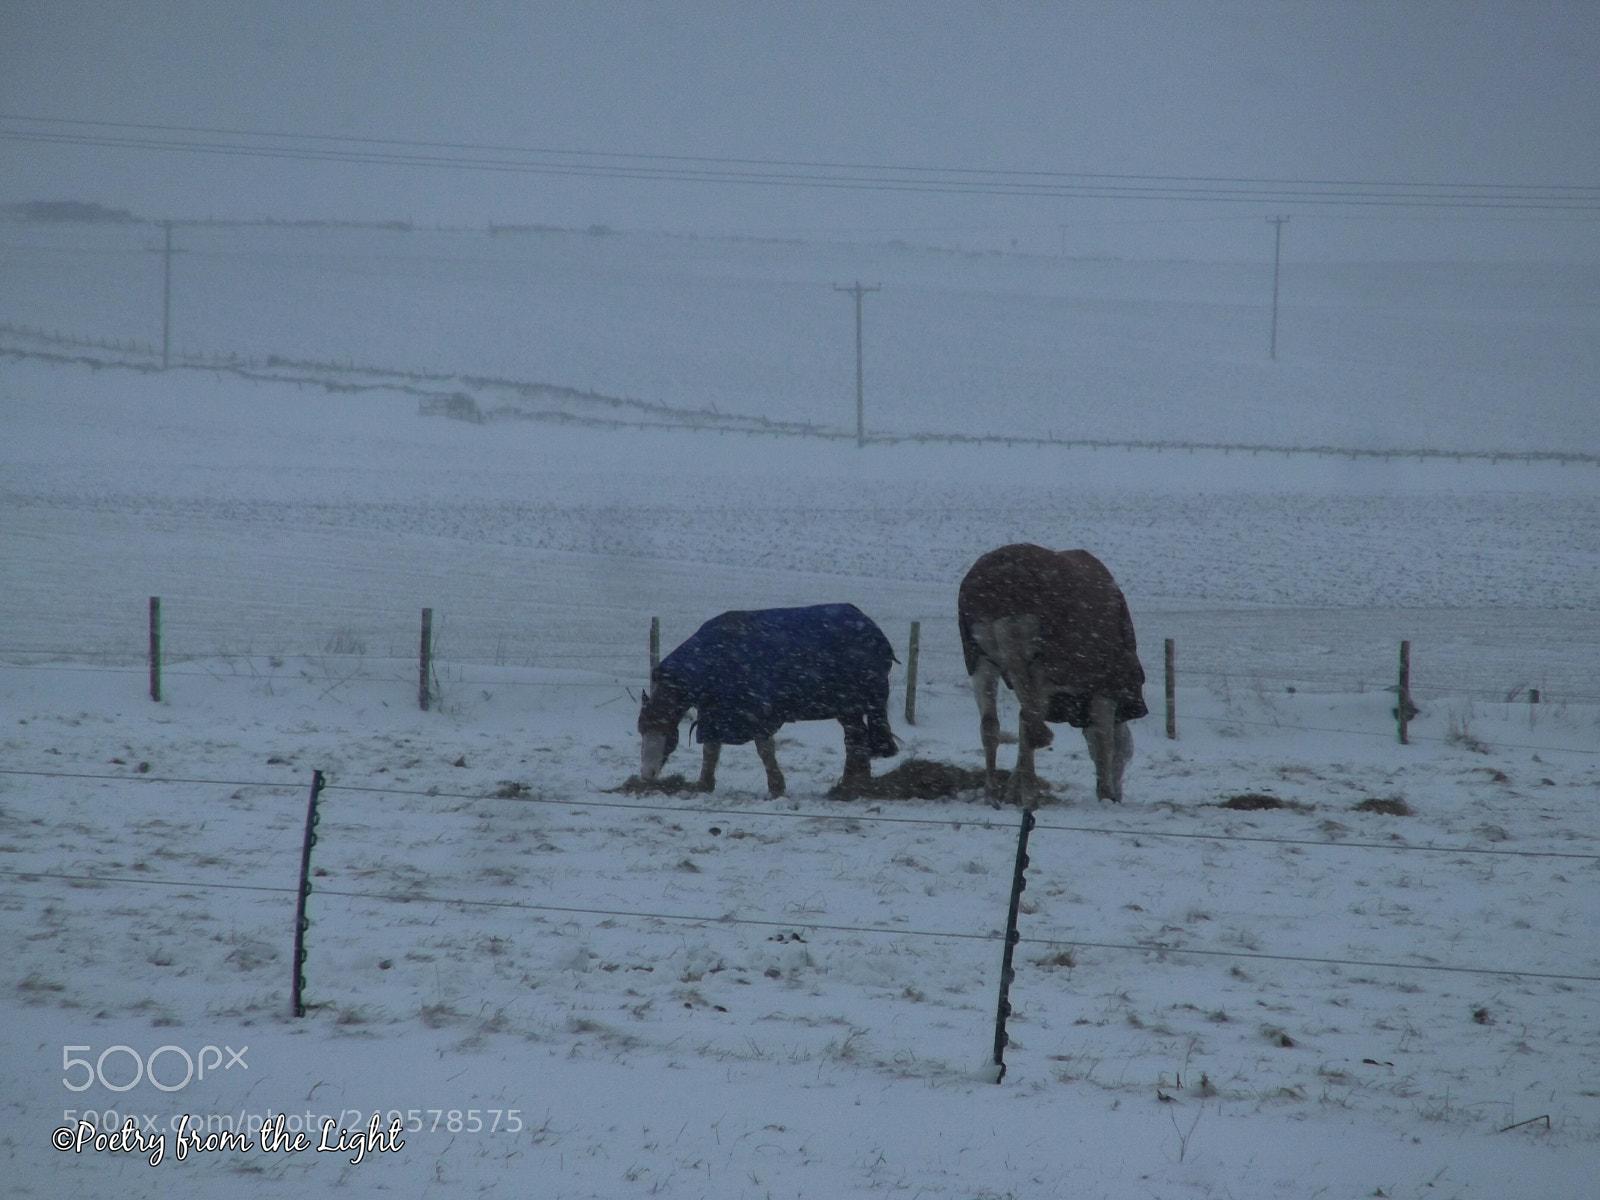 Snow & Breakfast, Fujifilm FinePix T350